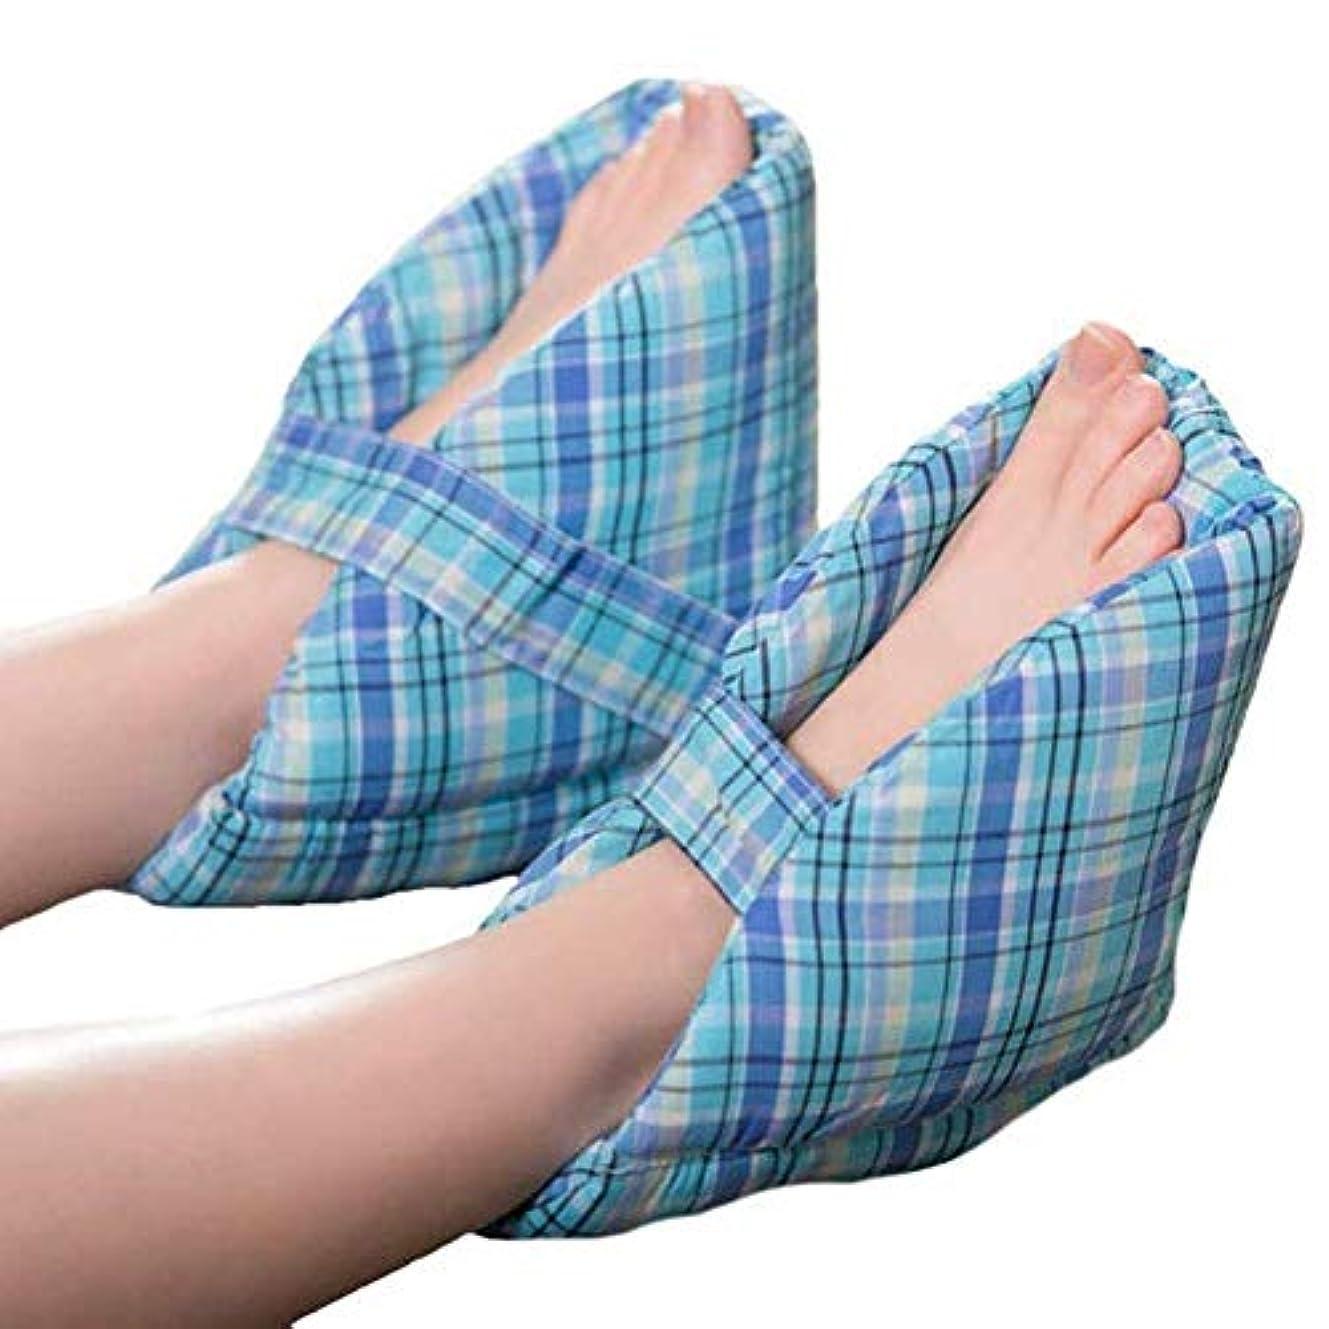 平和的アスリートソートかかとプロテクター柔らかく快適な履き心地により、足の枕、かかとのクッション、かかとの保護、1ペアが見つかります